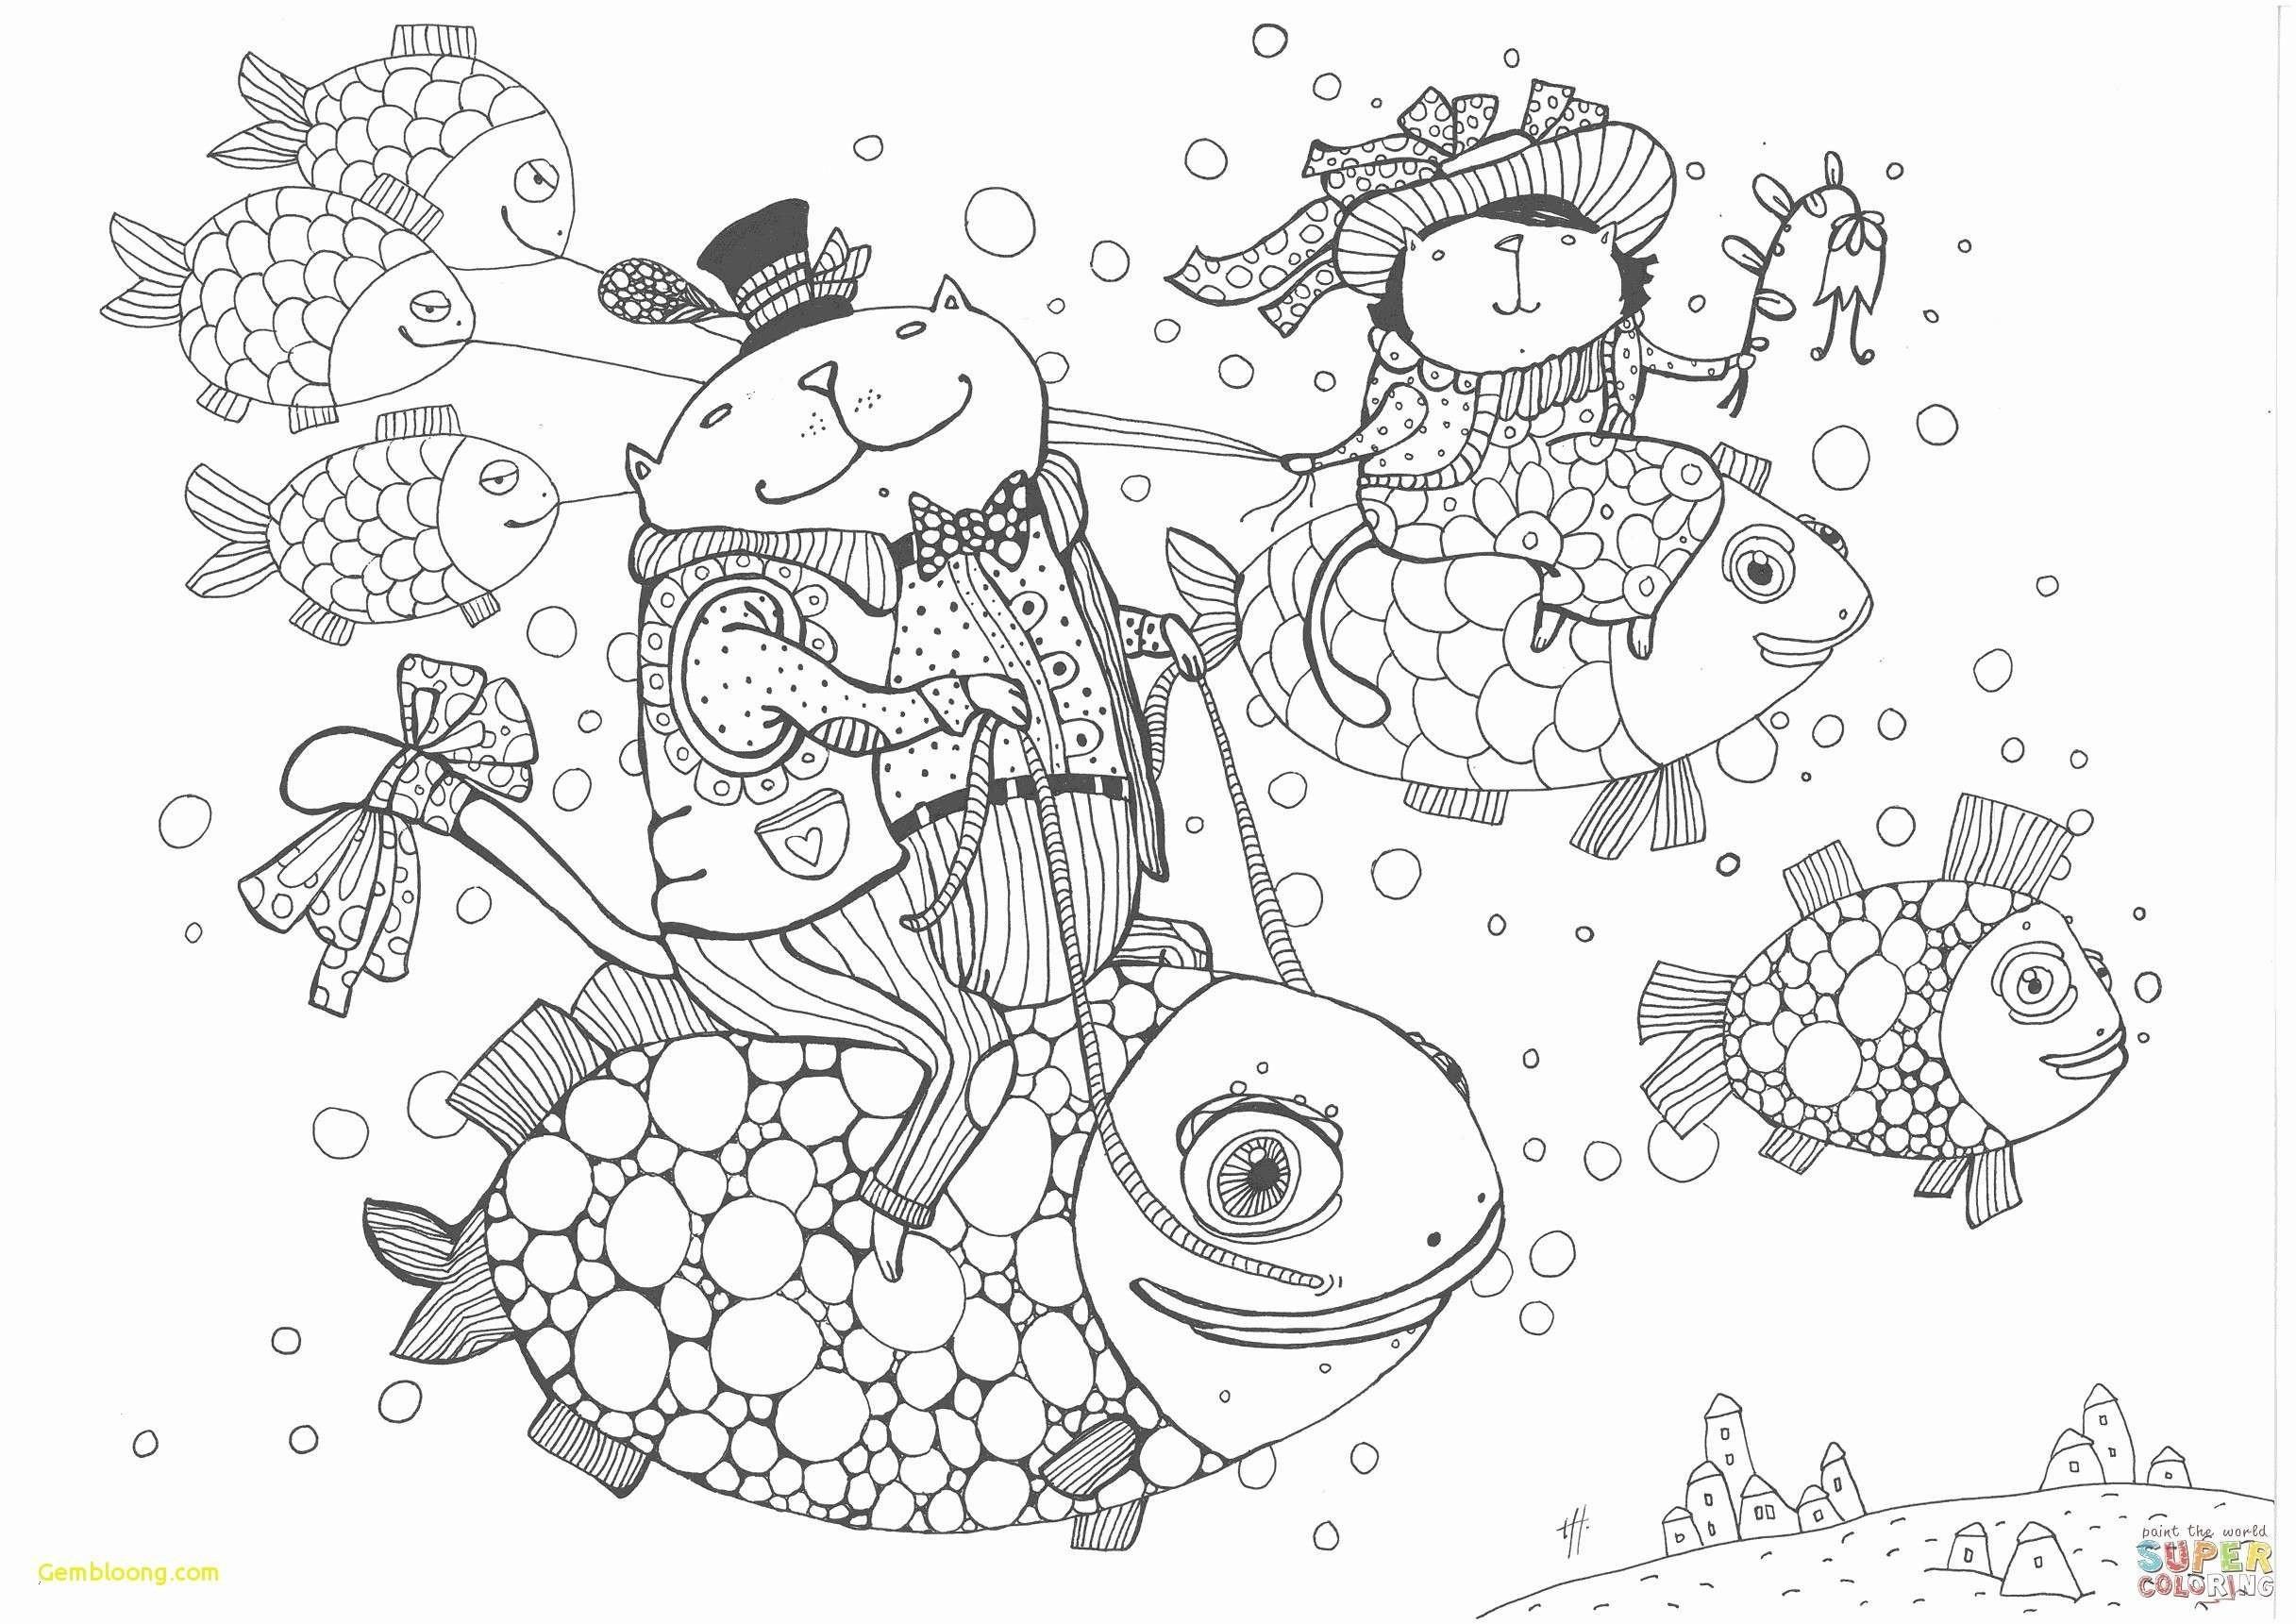 Ausmalbilder Katze Und Hund Neu Weihnachtskatze Malvorlagen Wunderbar 32 Ausmalbilder Von Katzen Stock